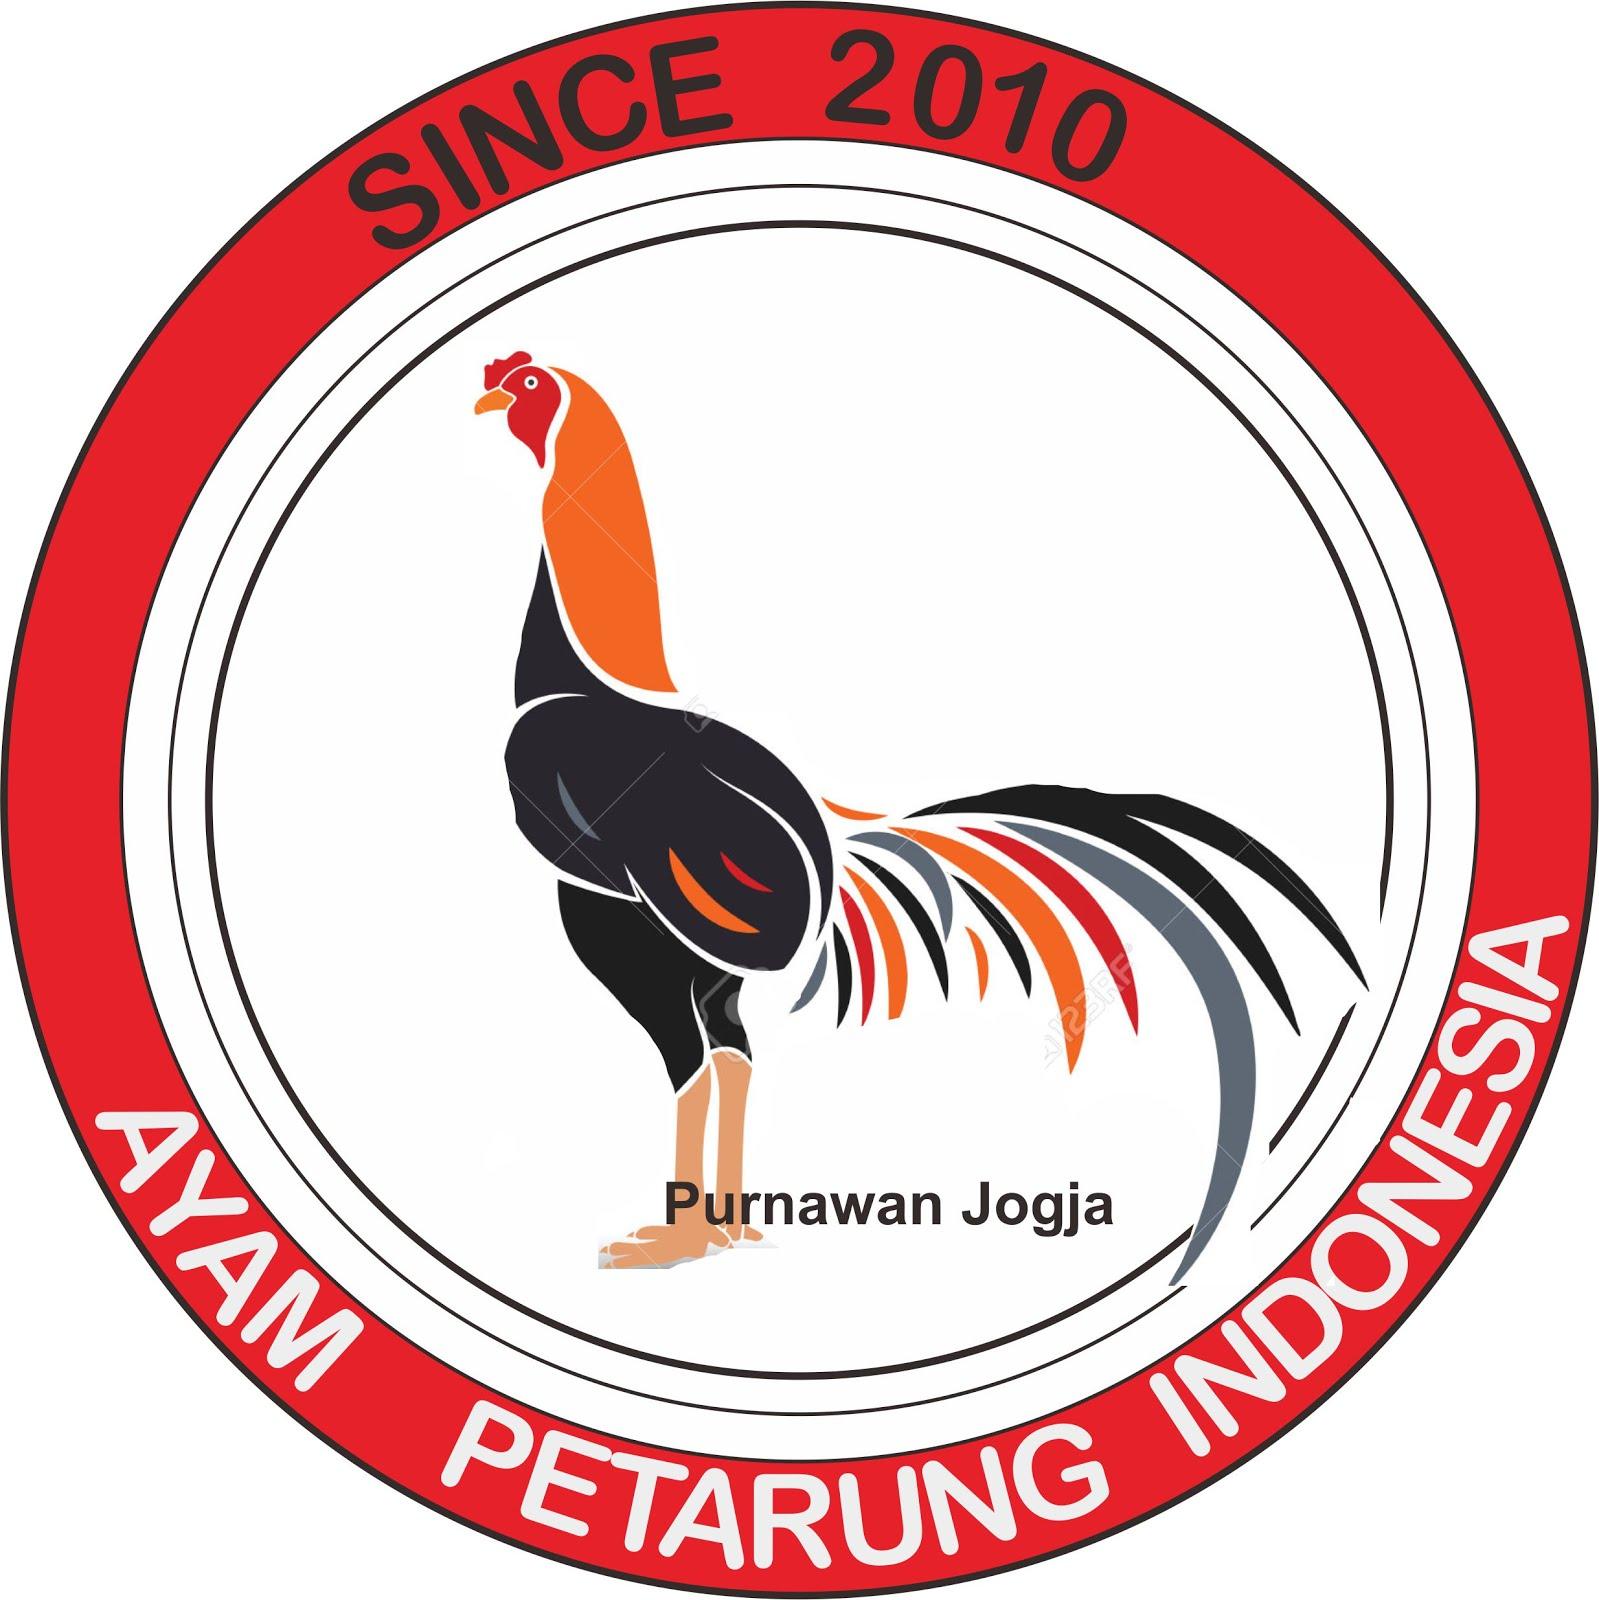 Ayam Petarung Jogjakarta Berat Bervidio Hasilnya Nama Trah Songgo Bumi